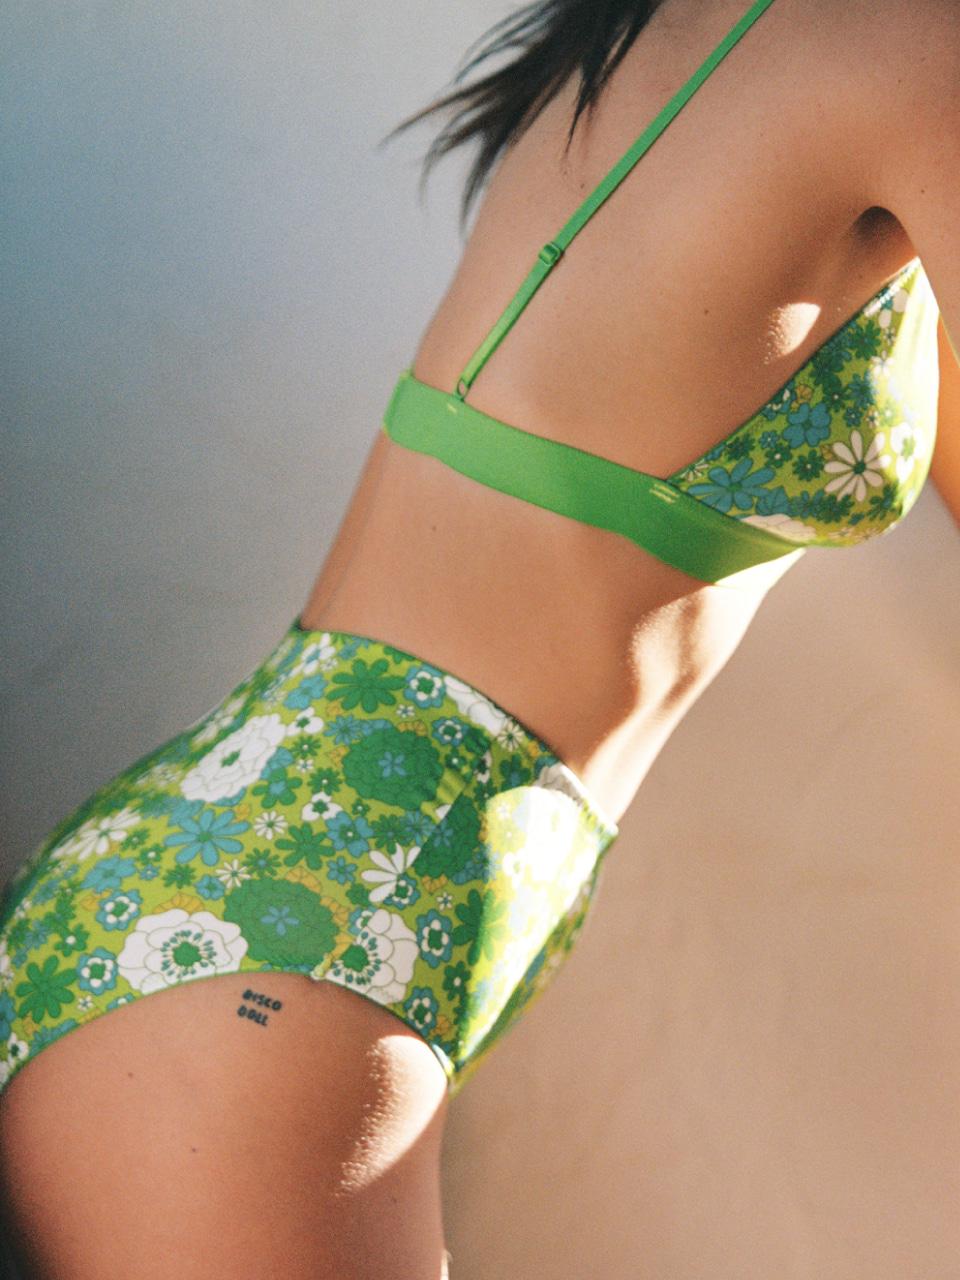 CYPRESS HIGH BRIEFswimwear,수영복,비키니,데이즈데이즈,dazedayz,디자이너수영복,디자이너스위웨어,디자이너수영복,리조트웨어,